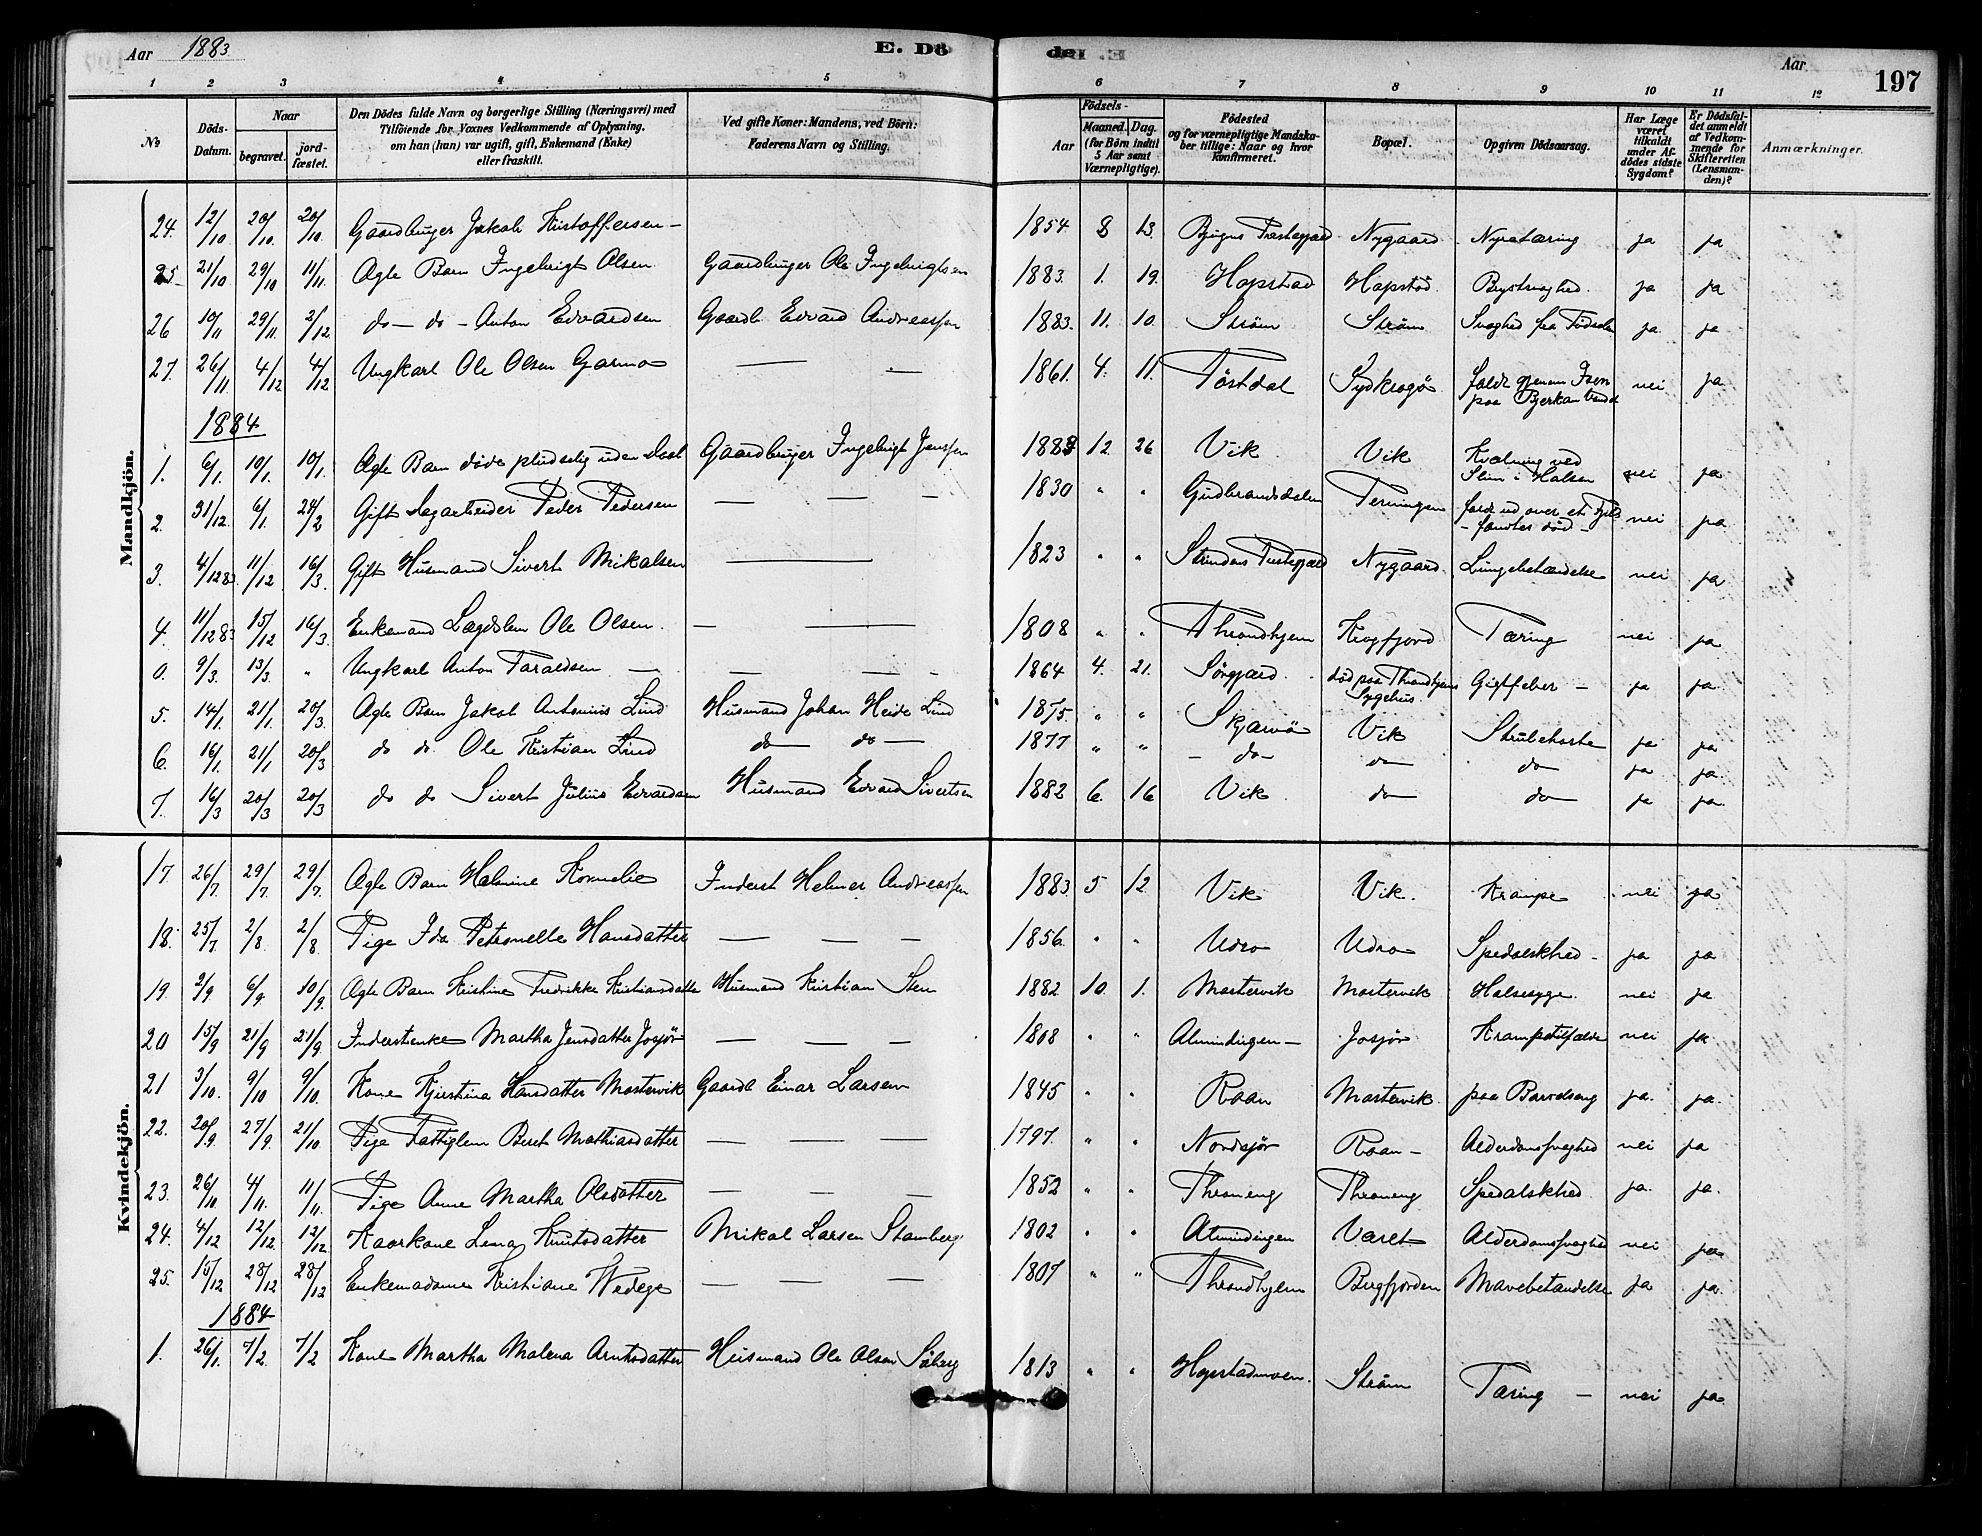 SAT, Ministerialprotokoller, klokkerbøker og fødselsregistre - Sør-Trøndelag, 657/L0707: Ministerialbok nr. 657A08, 1879-1893, s. 197